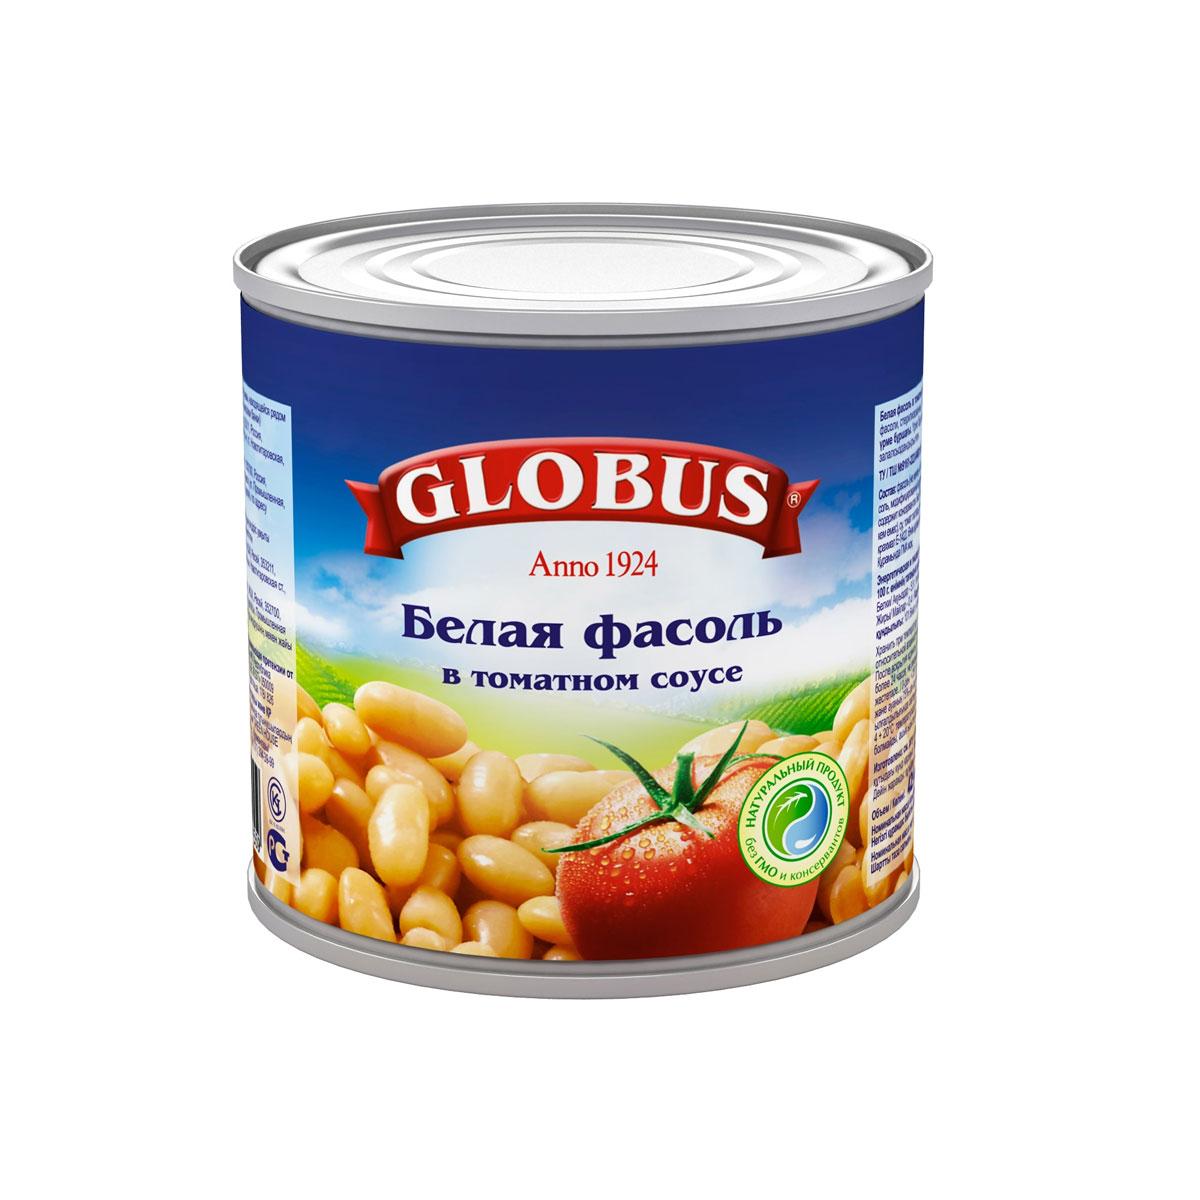 Globus белая фасоль в томатном соусе, 400 г